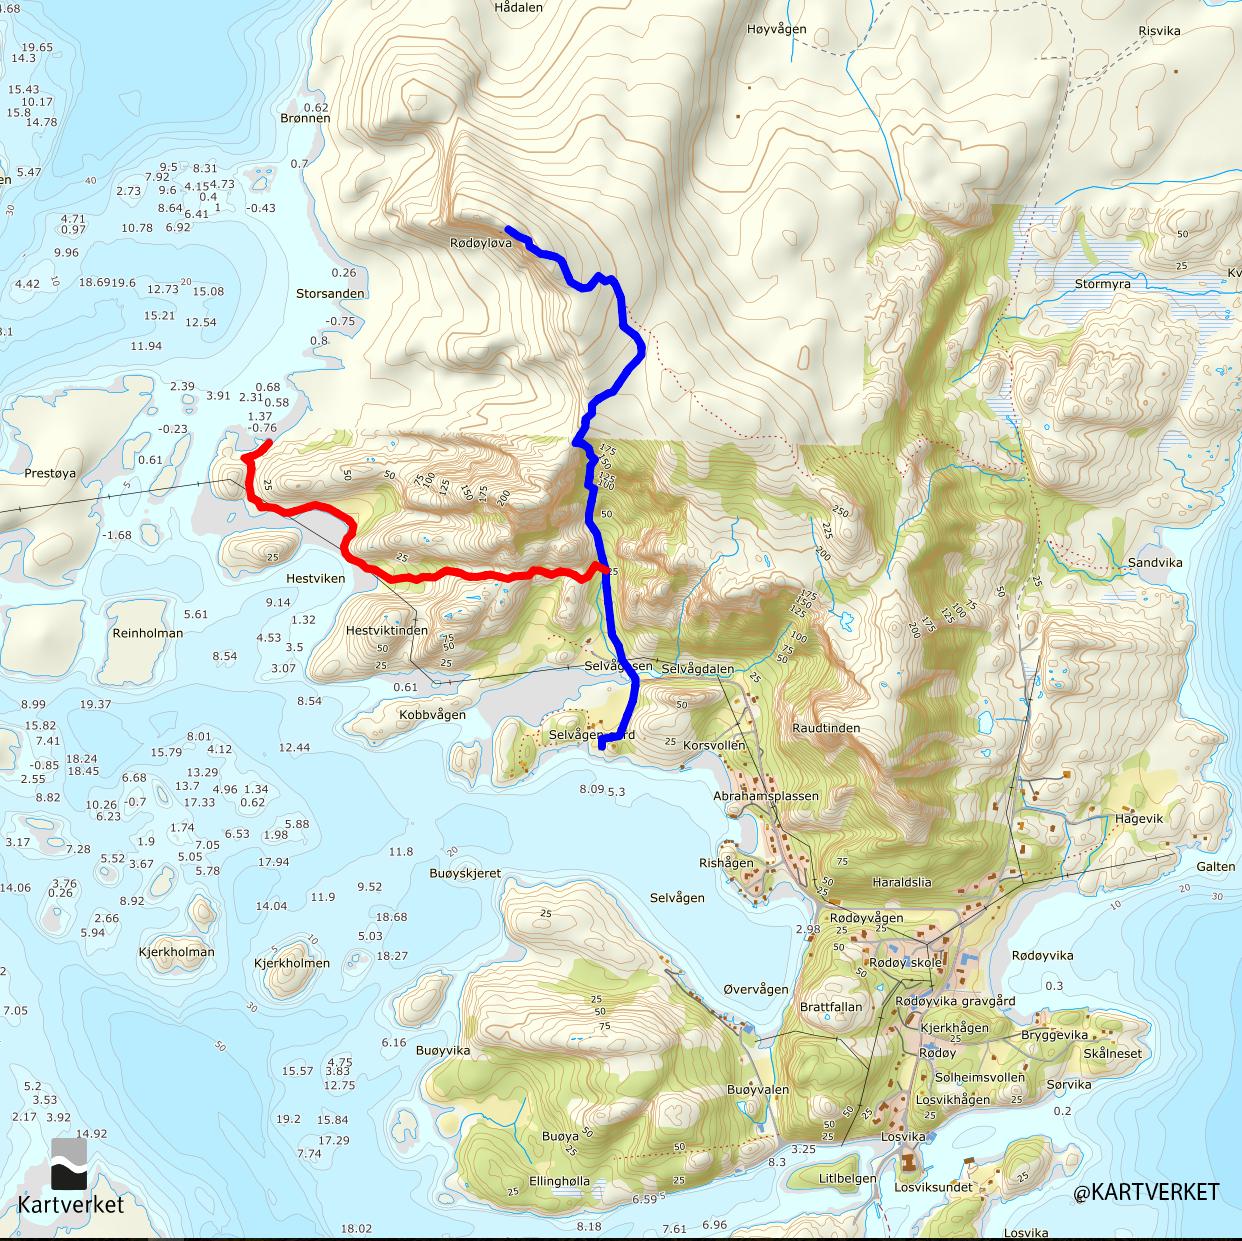 Rødøya-@Kartverket